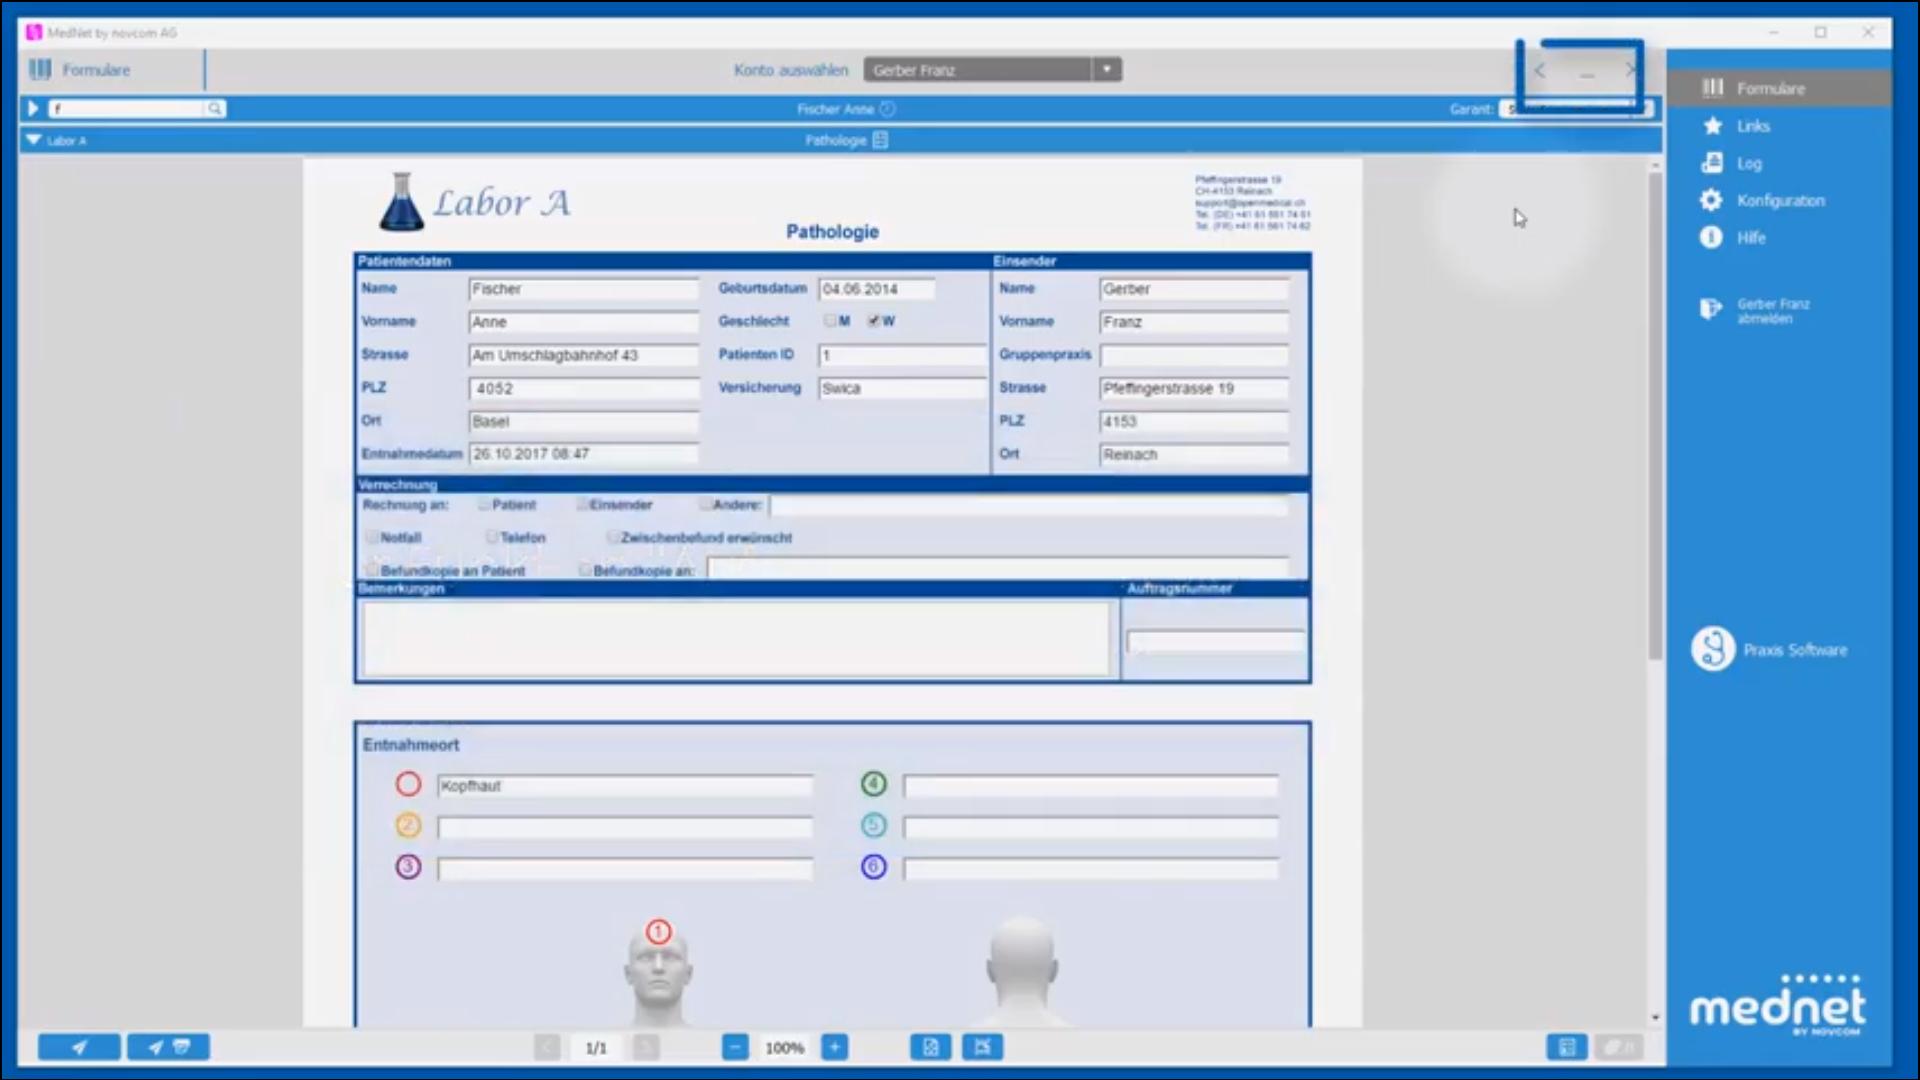 iMednet creating new tasks